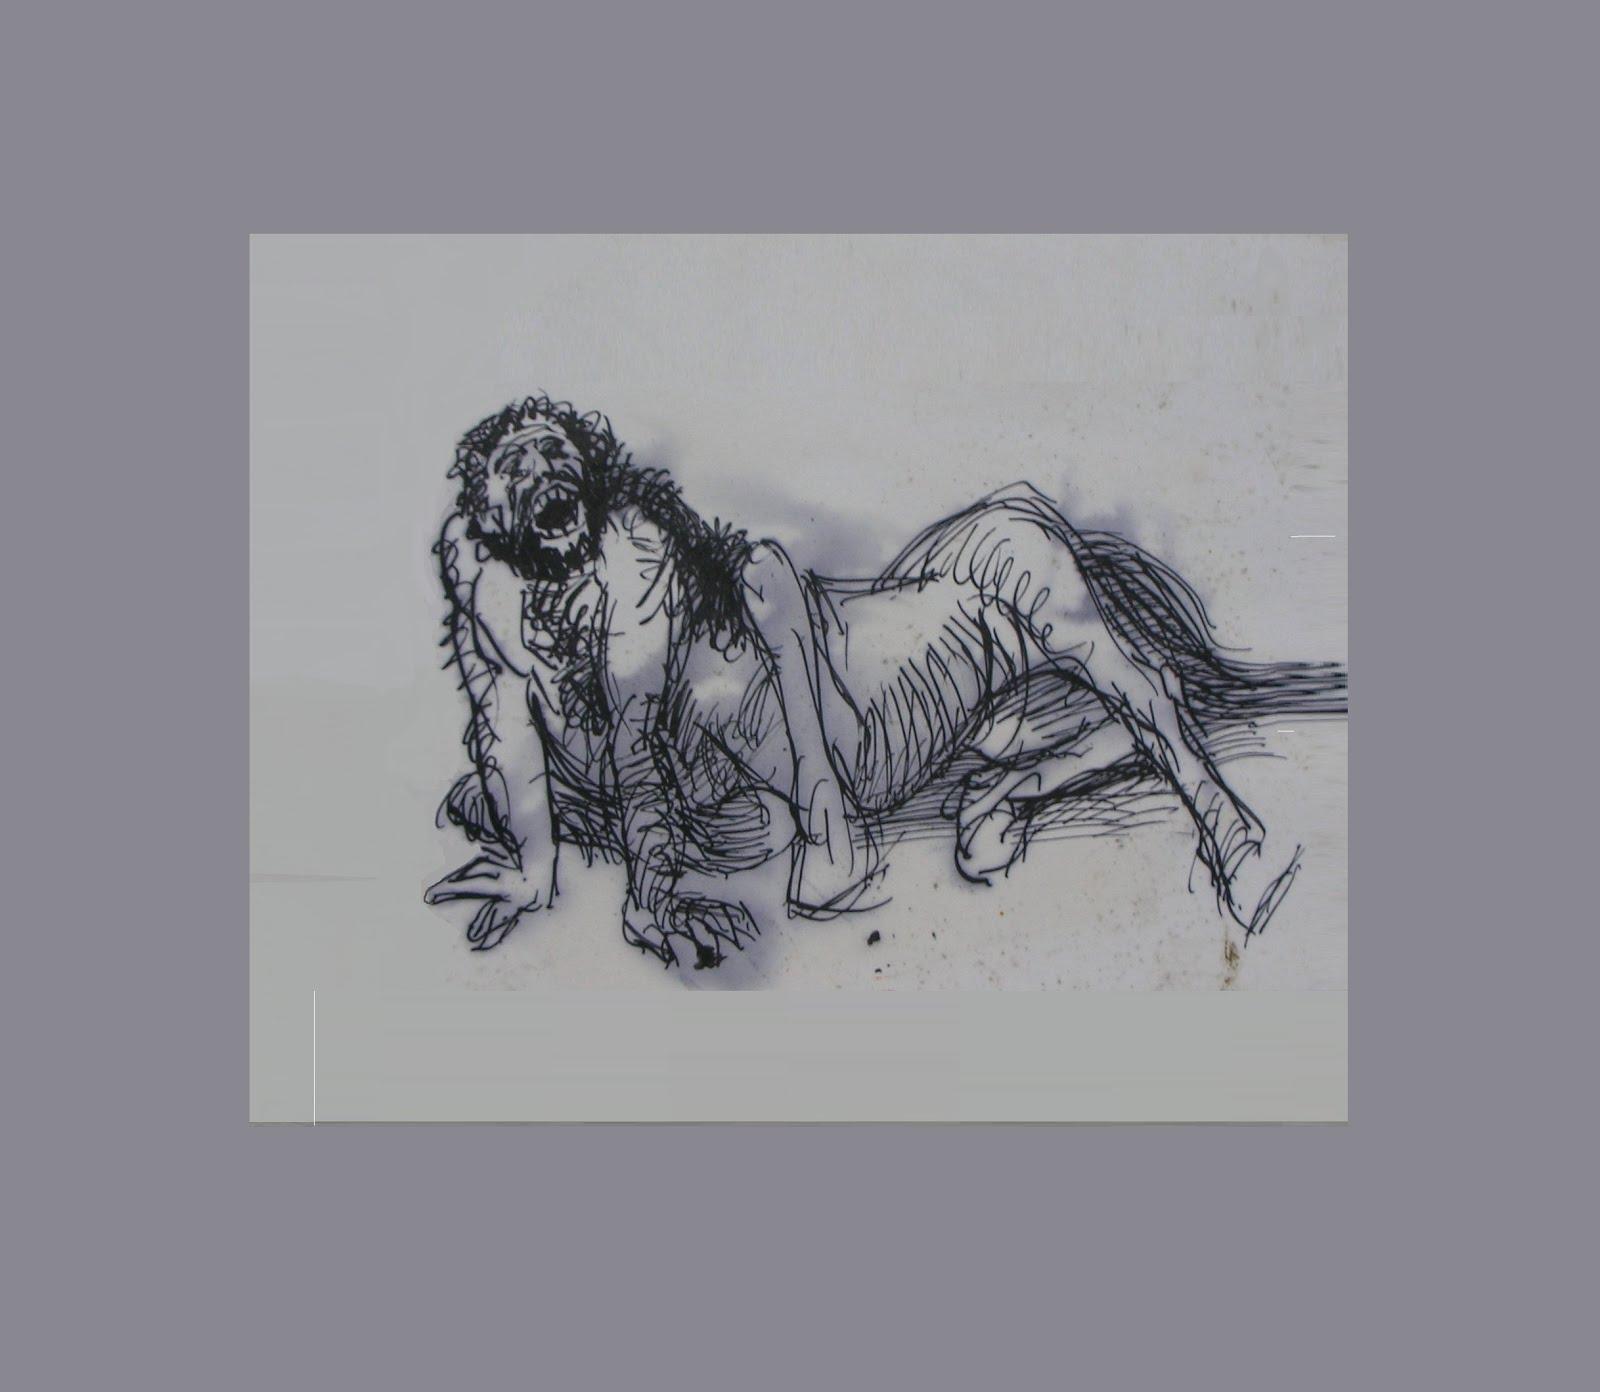 Ilustracion del centauro Chiron